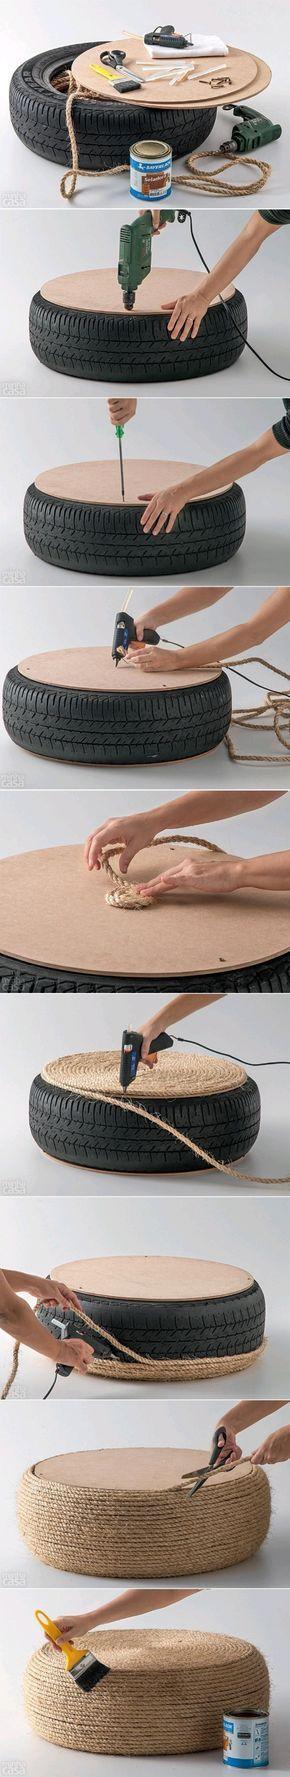 Aprenda a fazer um pufe ecológico de pneu descartado